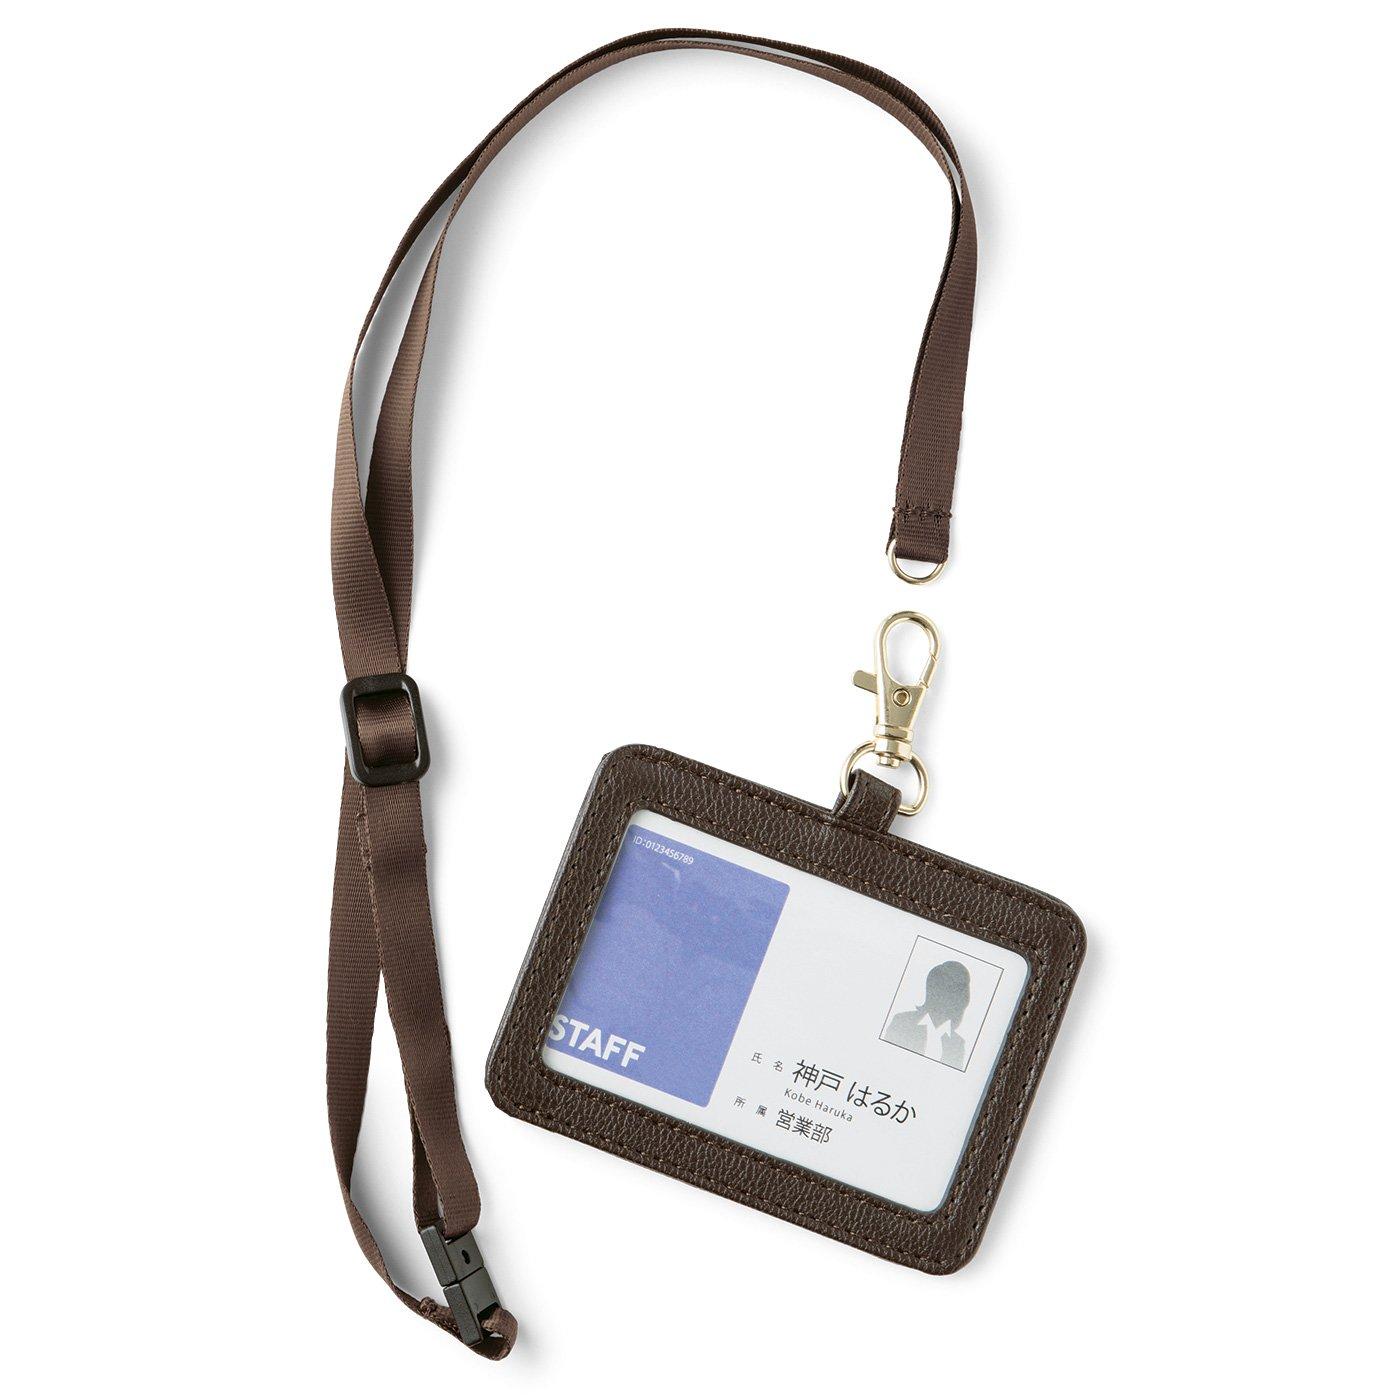 スマートに携帯2-WAY遣いで首肩にやさしいカードホルダー